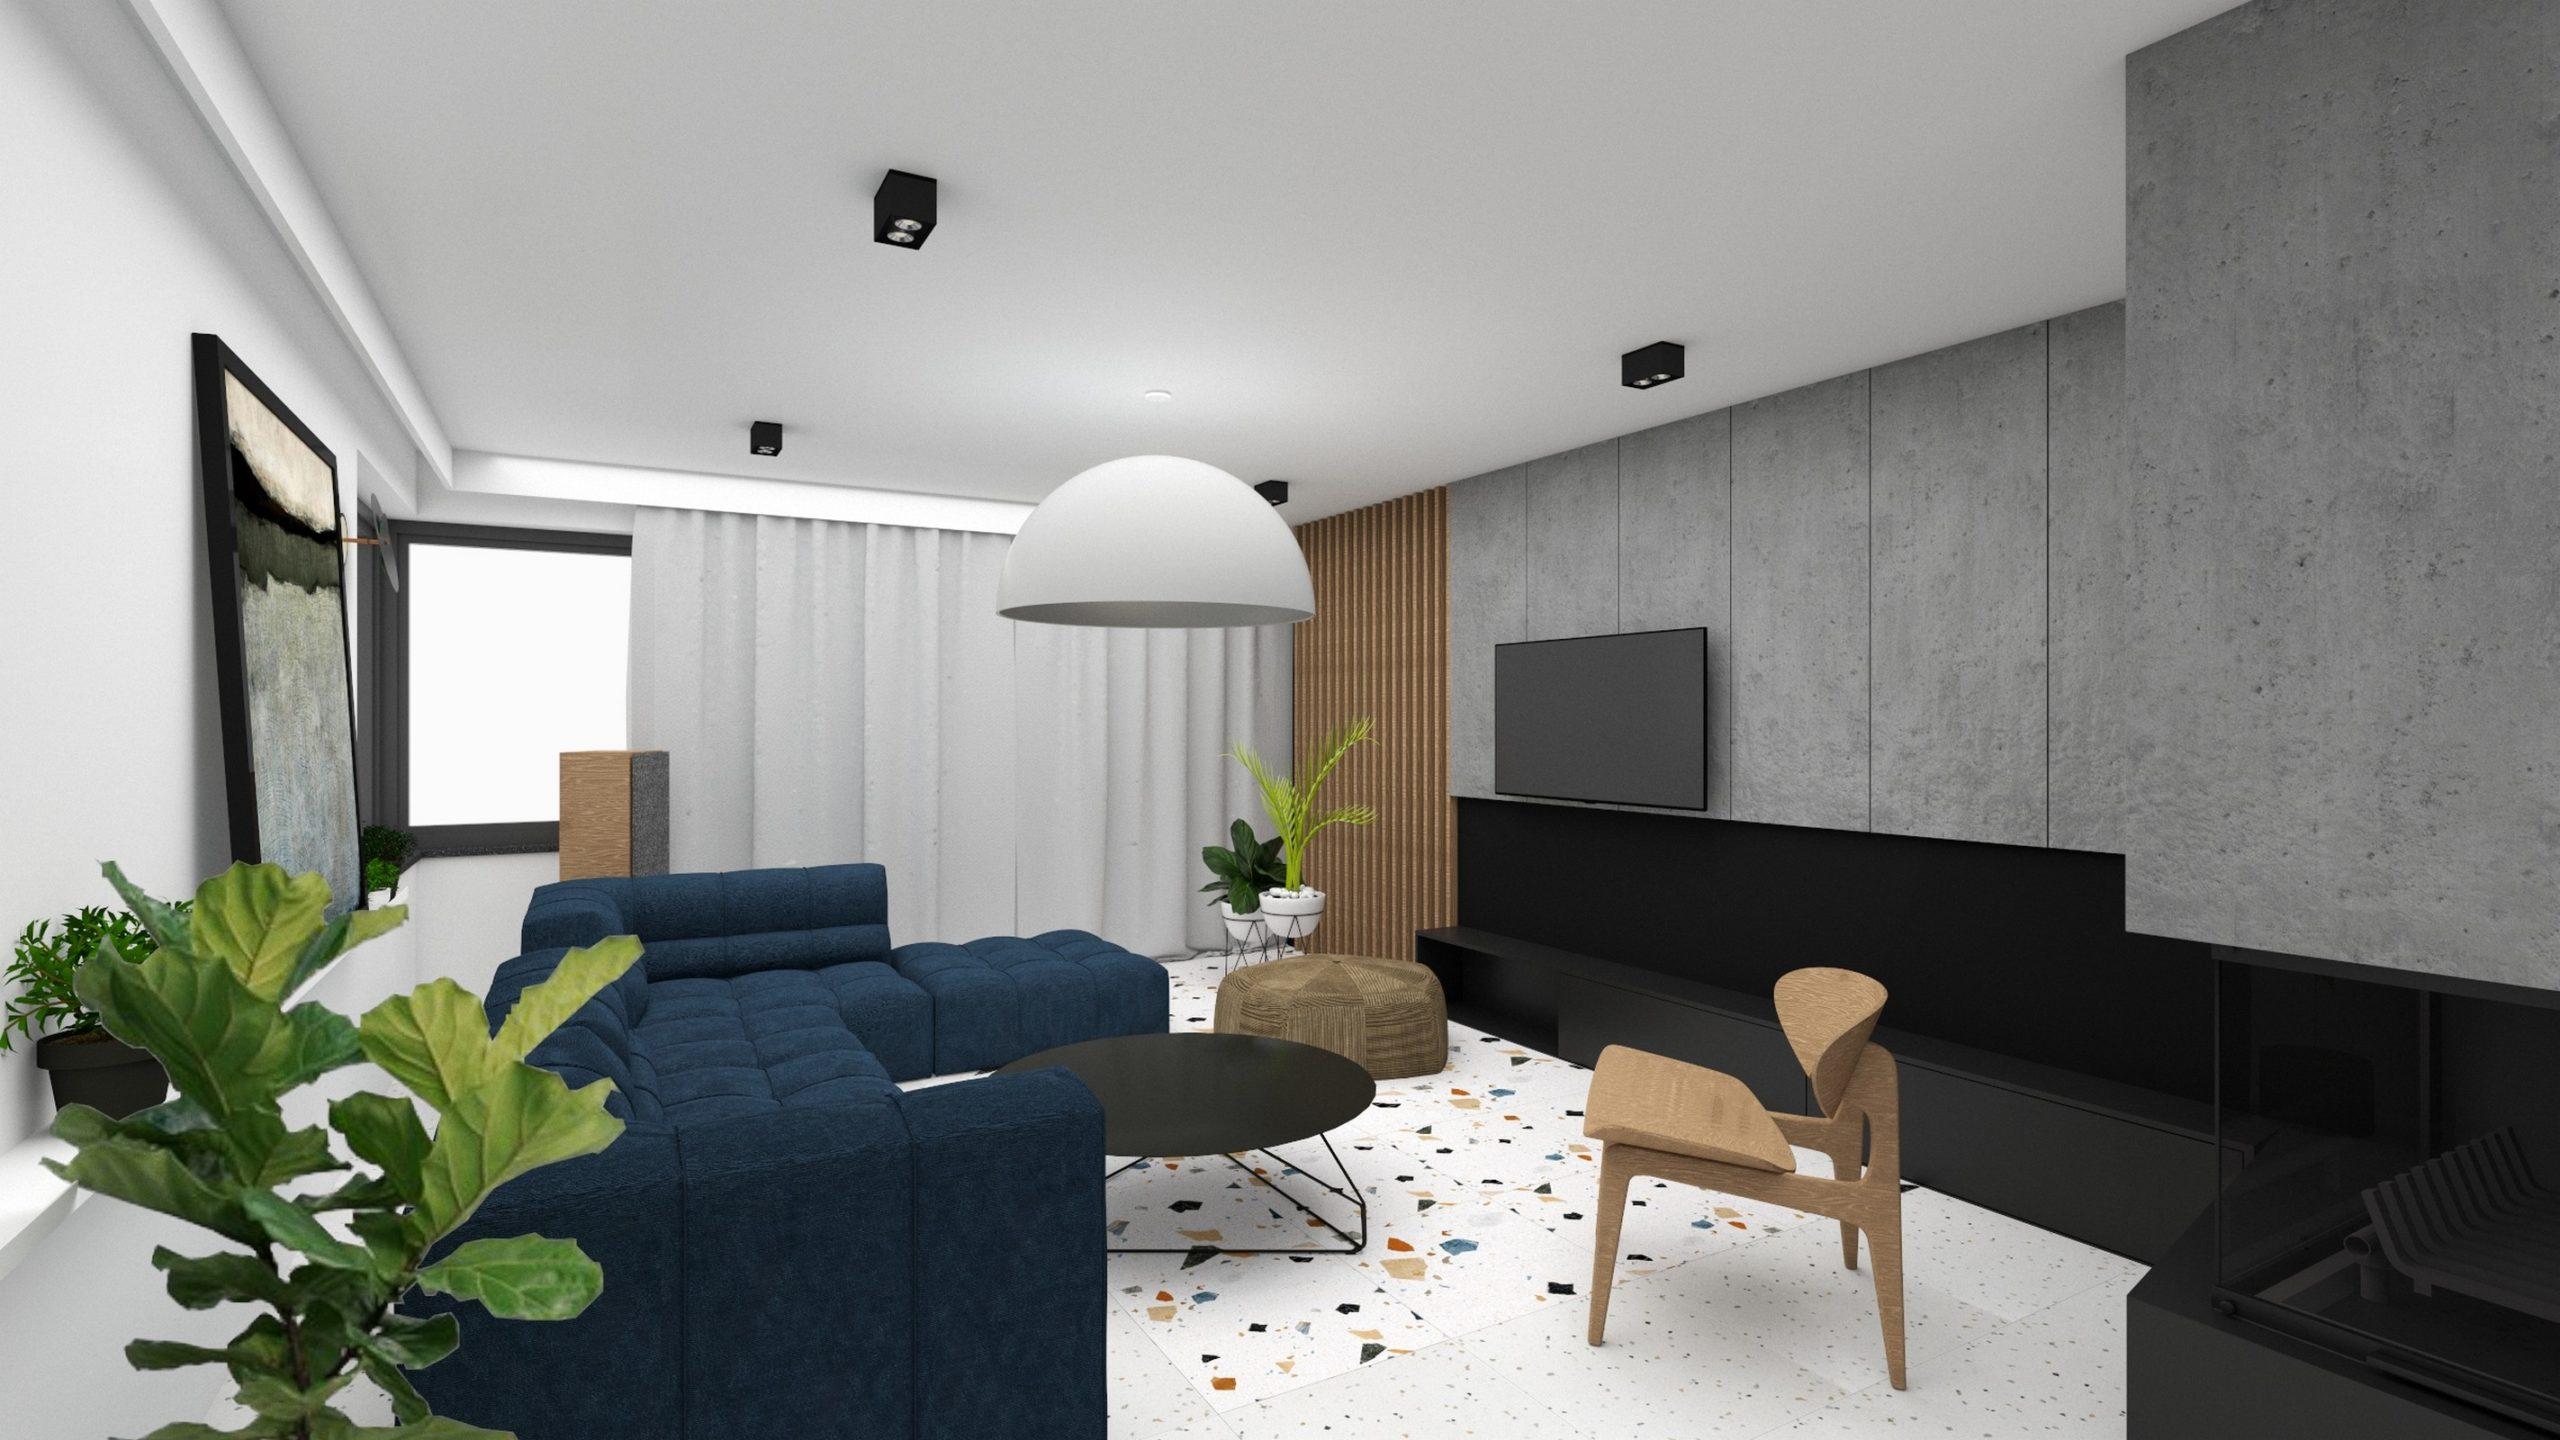 widok-salonu-beton-architektoniczny-projekt-wnetrza